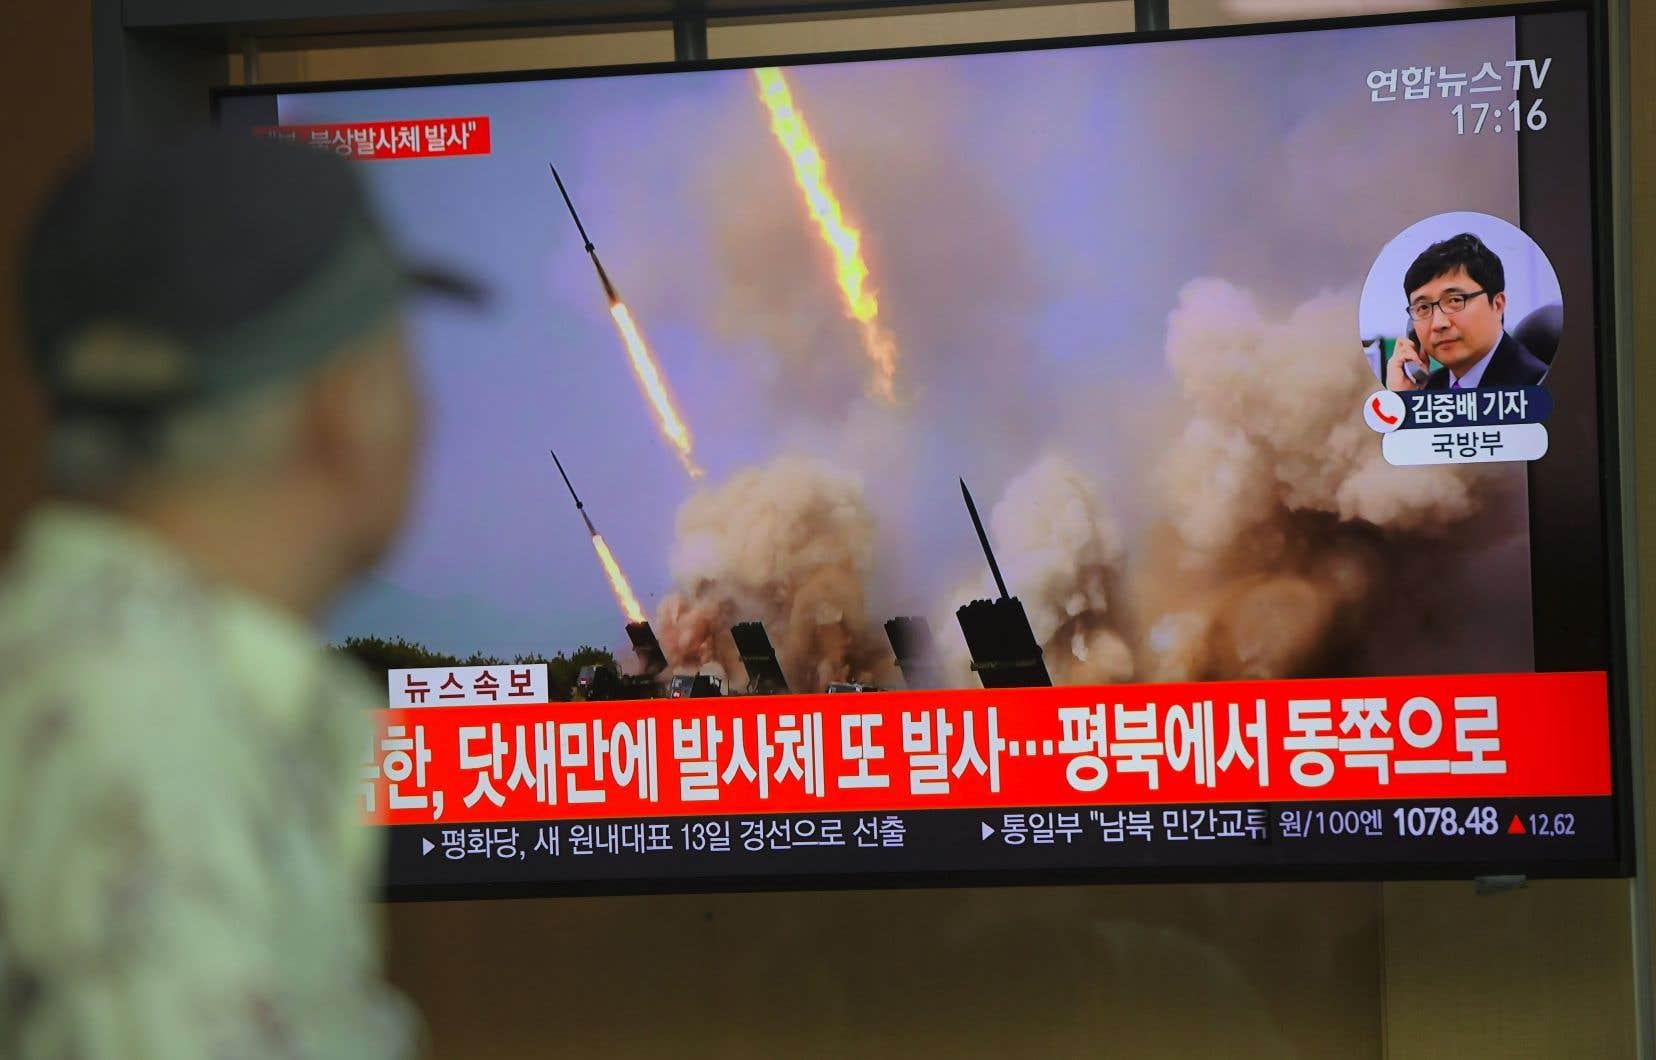 La Corée du Nord «a tiré ce qui semble être deux missiles de courte portée», a déclaré l'armée sud-coréenne dans un communiqué.